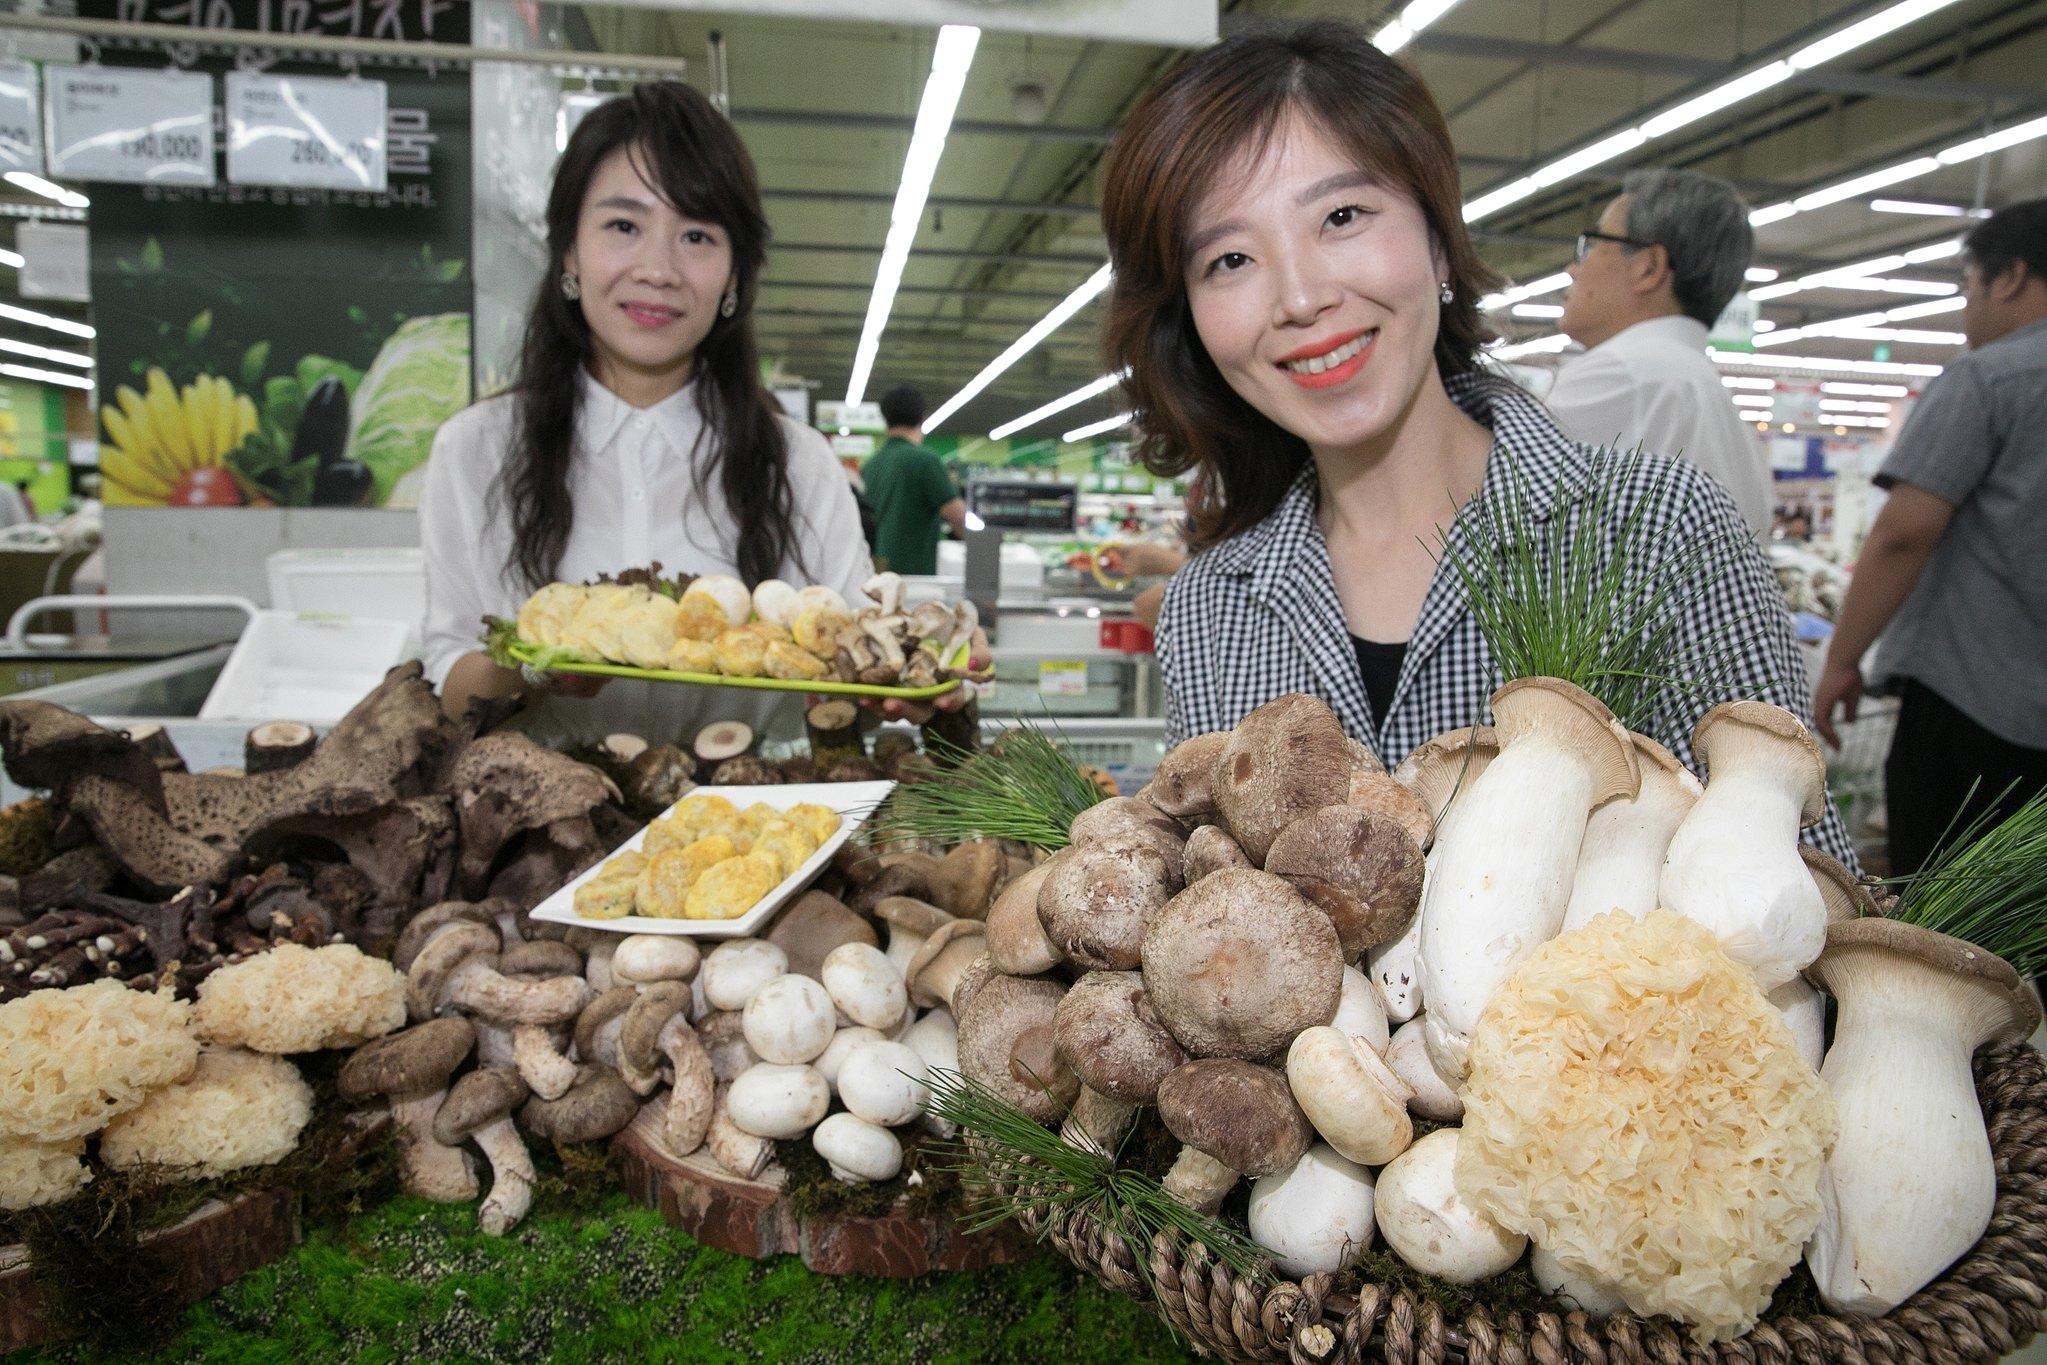 서울 서초구 농협하나로마트 양재점에서 모델들이 산간지역에서 채취한 일능이·삼표고·이송이 등 버섯세트를 소개하고 있다. [뉴시스]